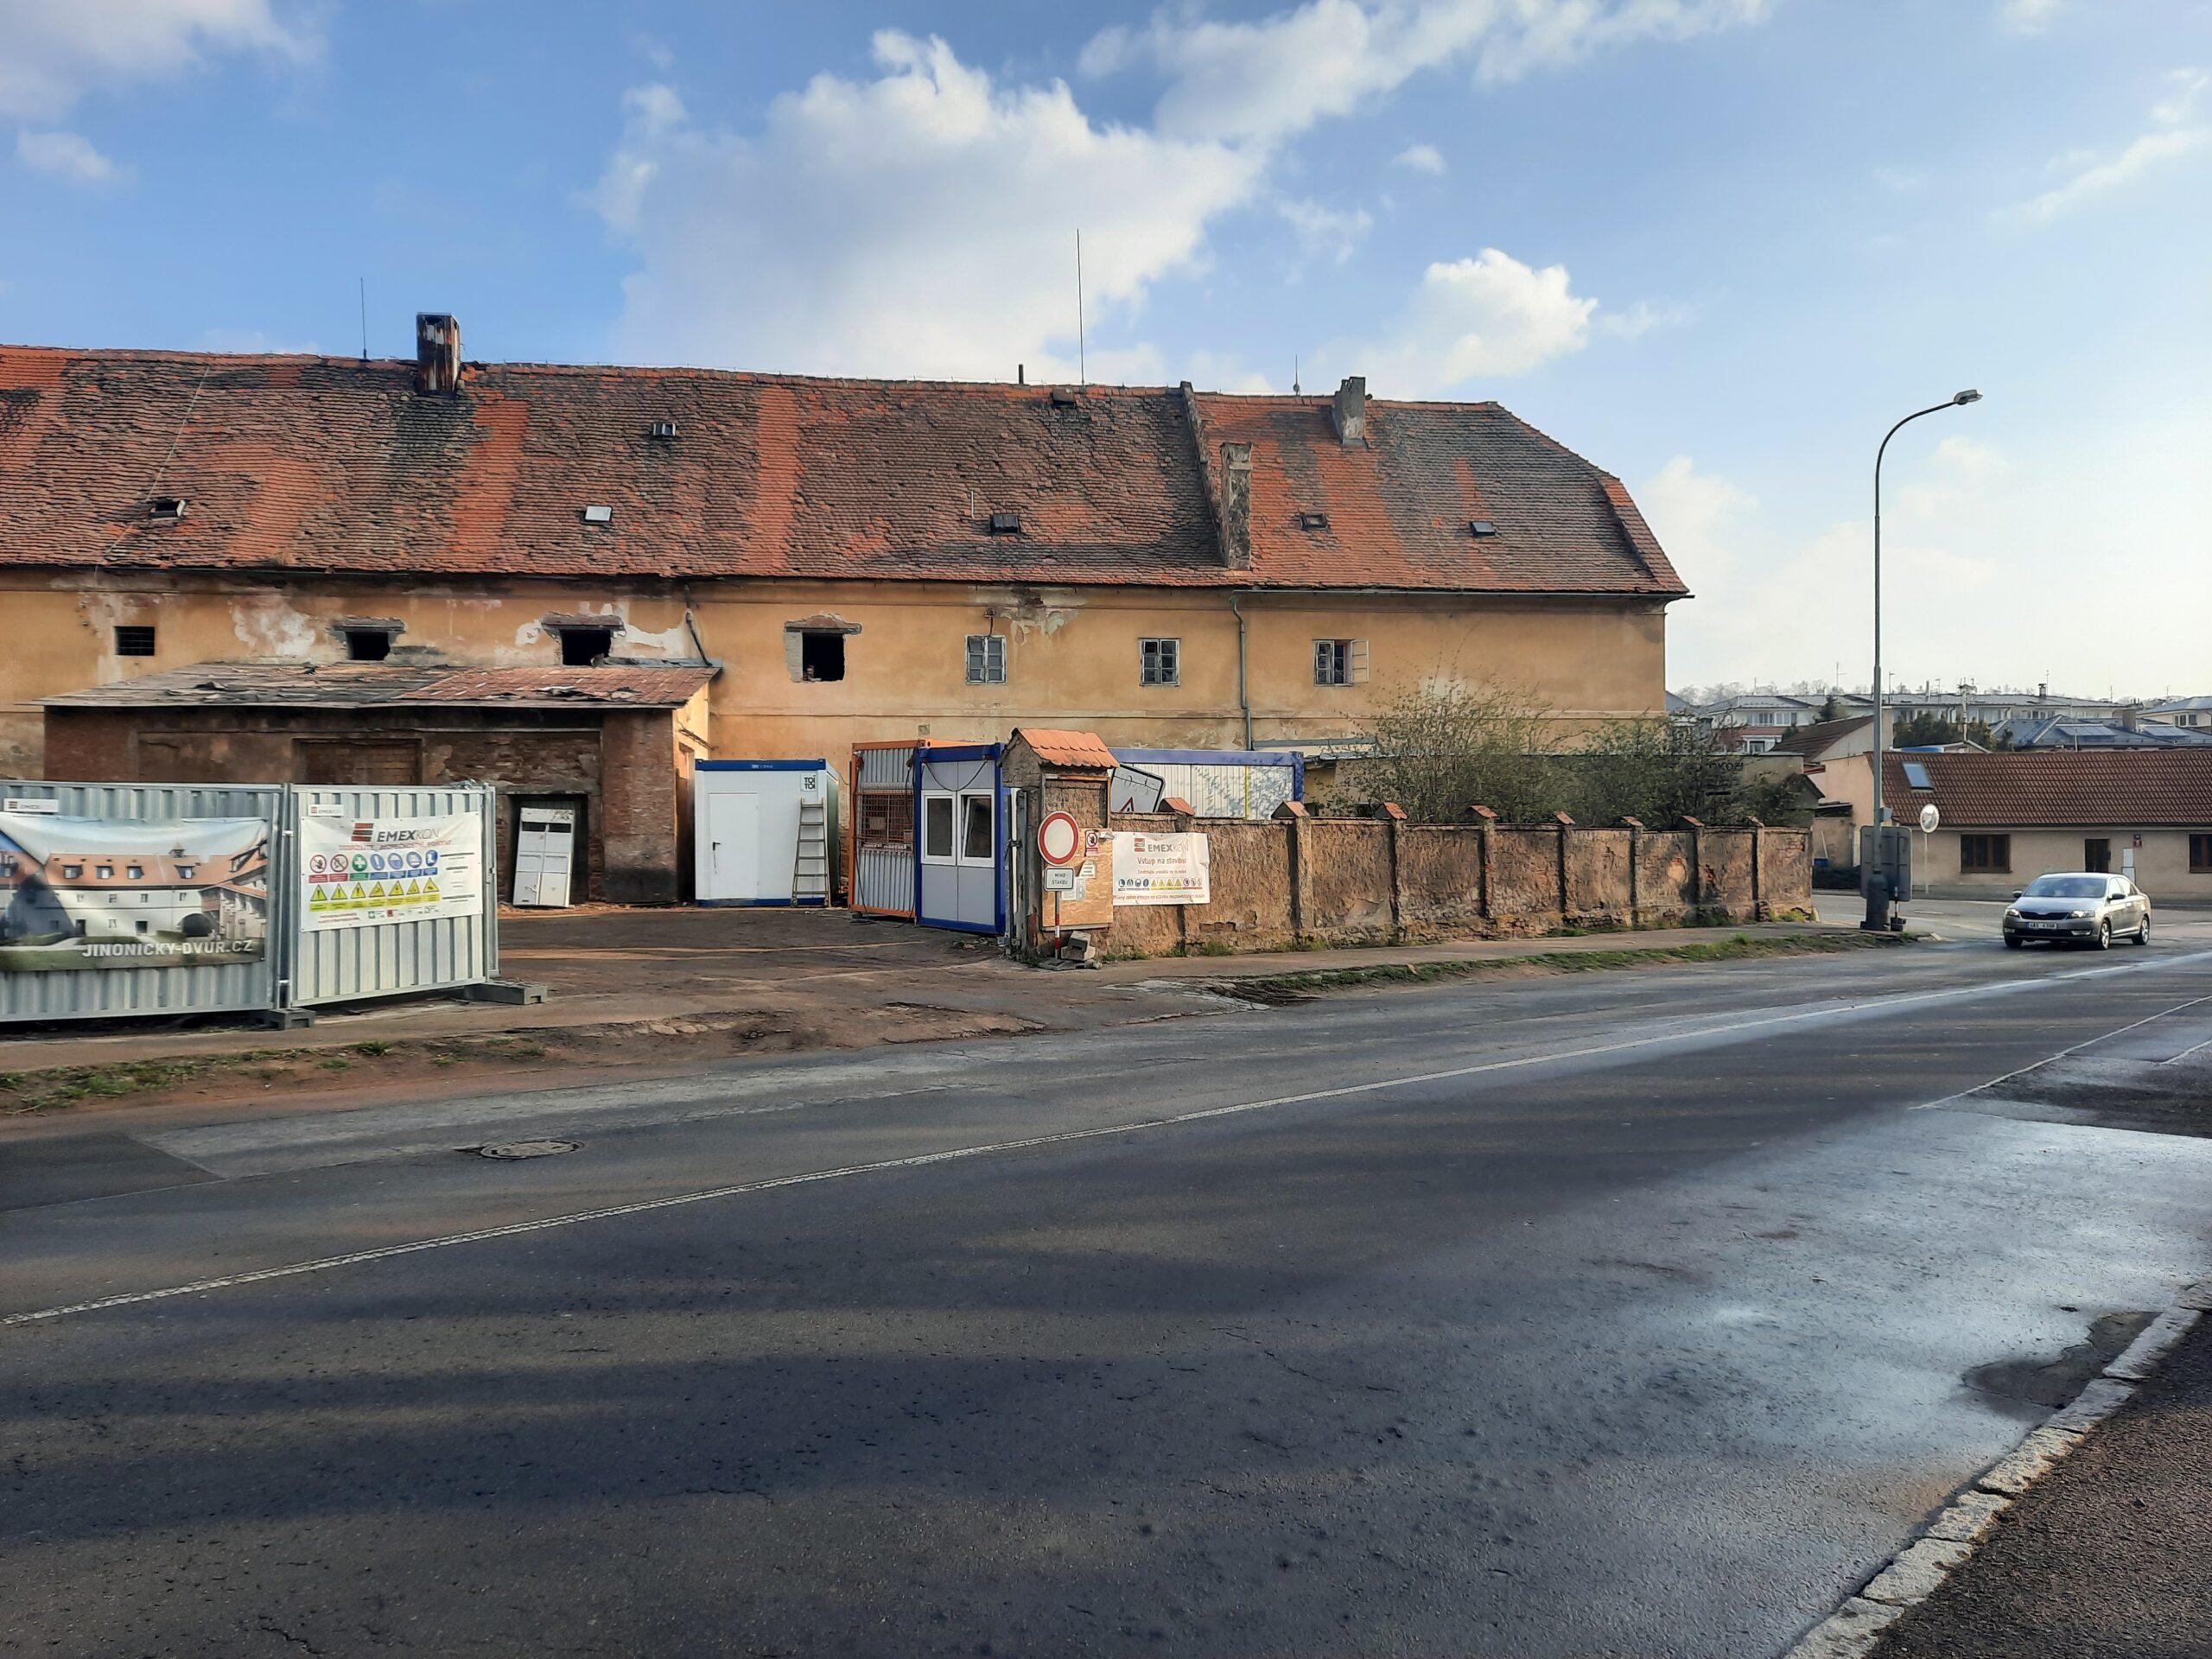 Dvougenerační bydlení v atraktivní lokalitě  vilové čtvrti v pražských Jinonicích